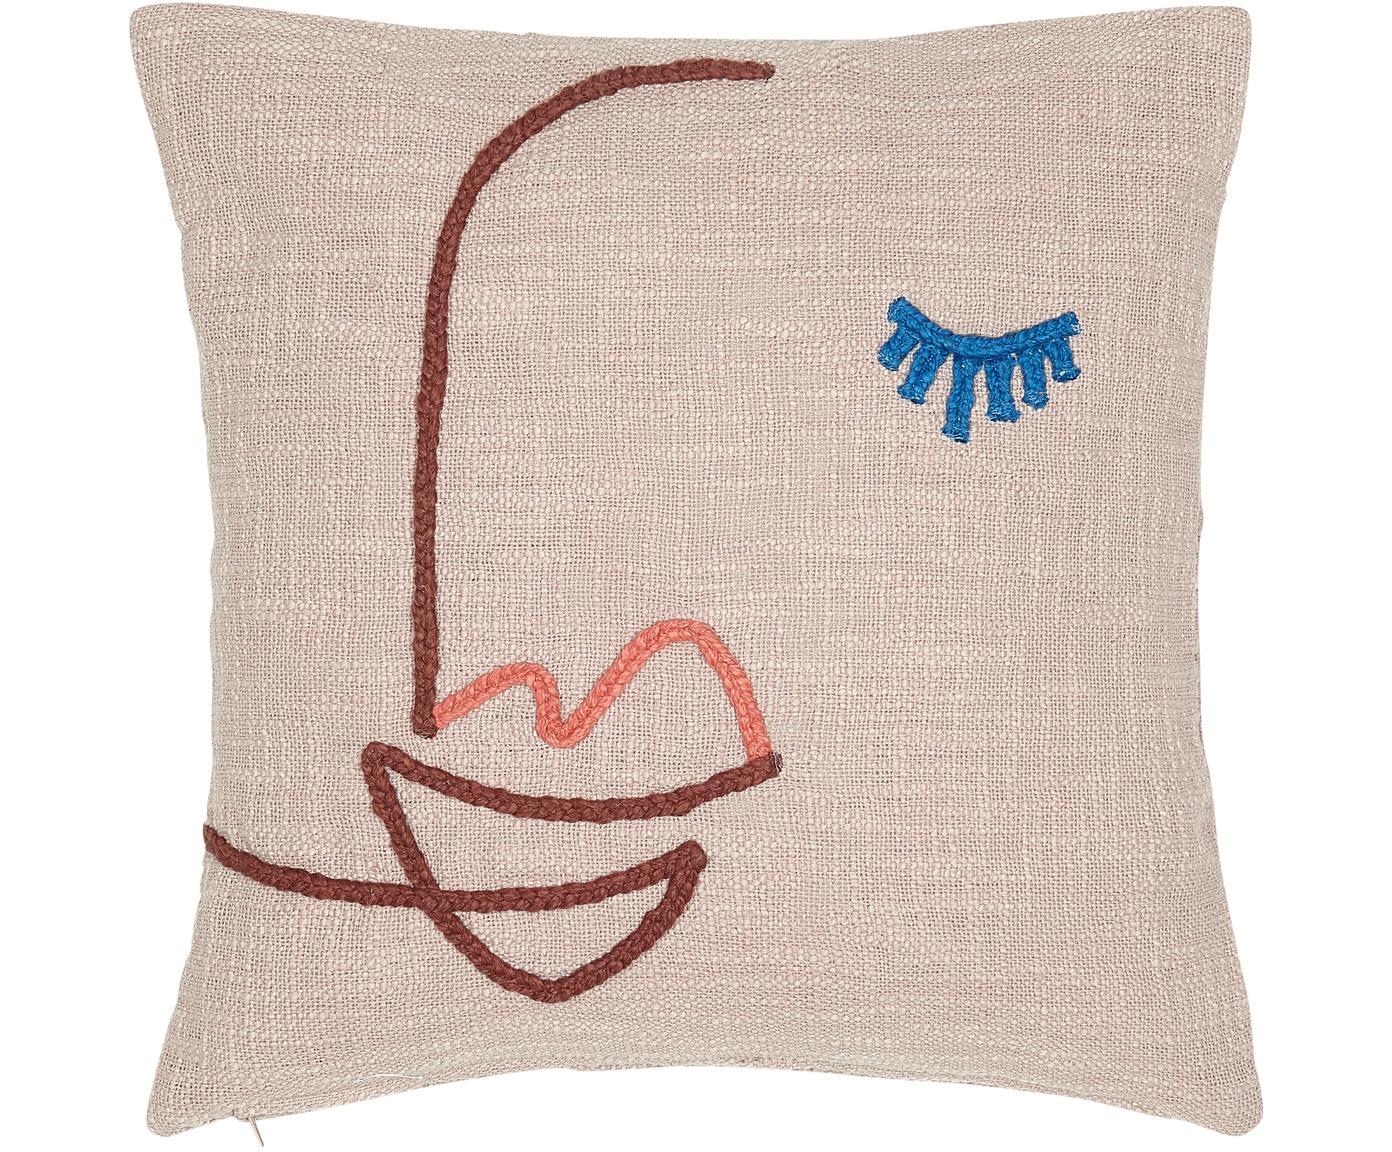 Federa arredo con ricamo astratto Faces, Cotone organico, Rosa, rosso scuro, blu, Larg. 45 x Lung. 45 cm